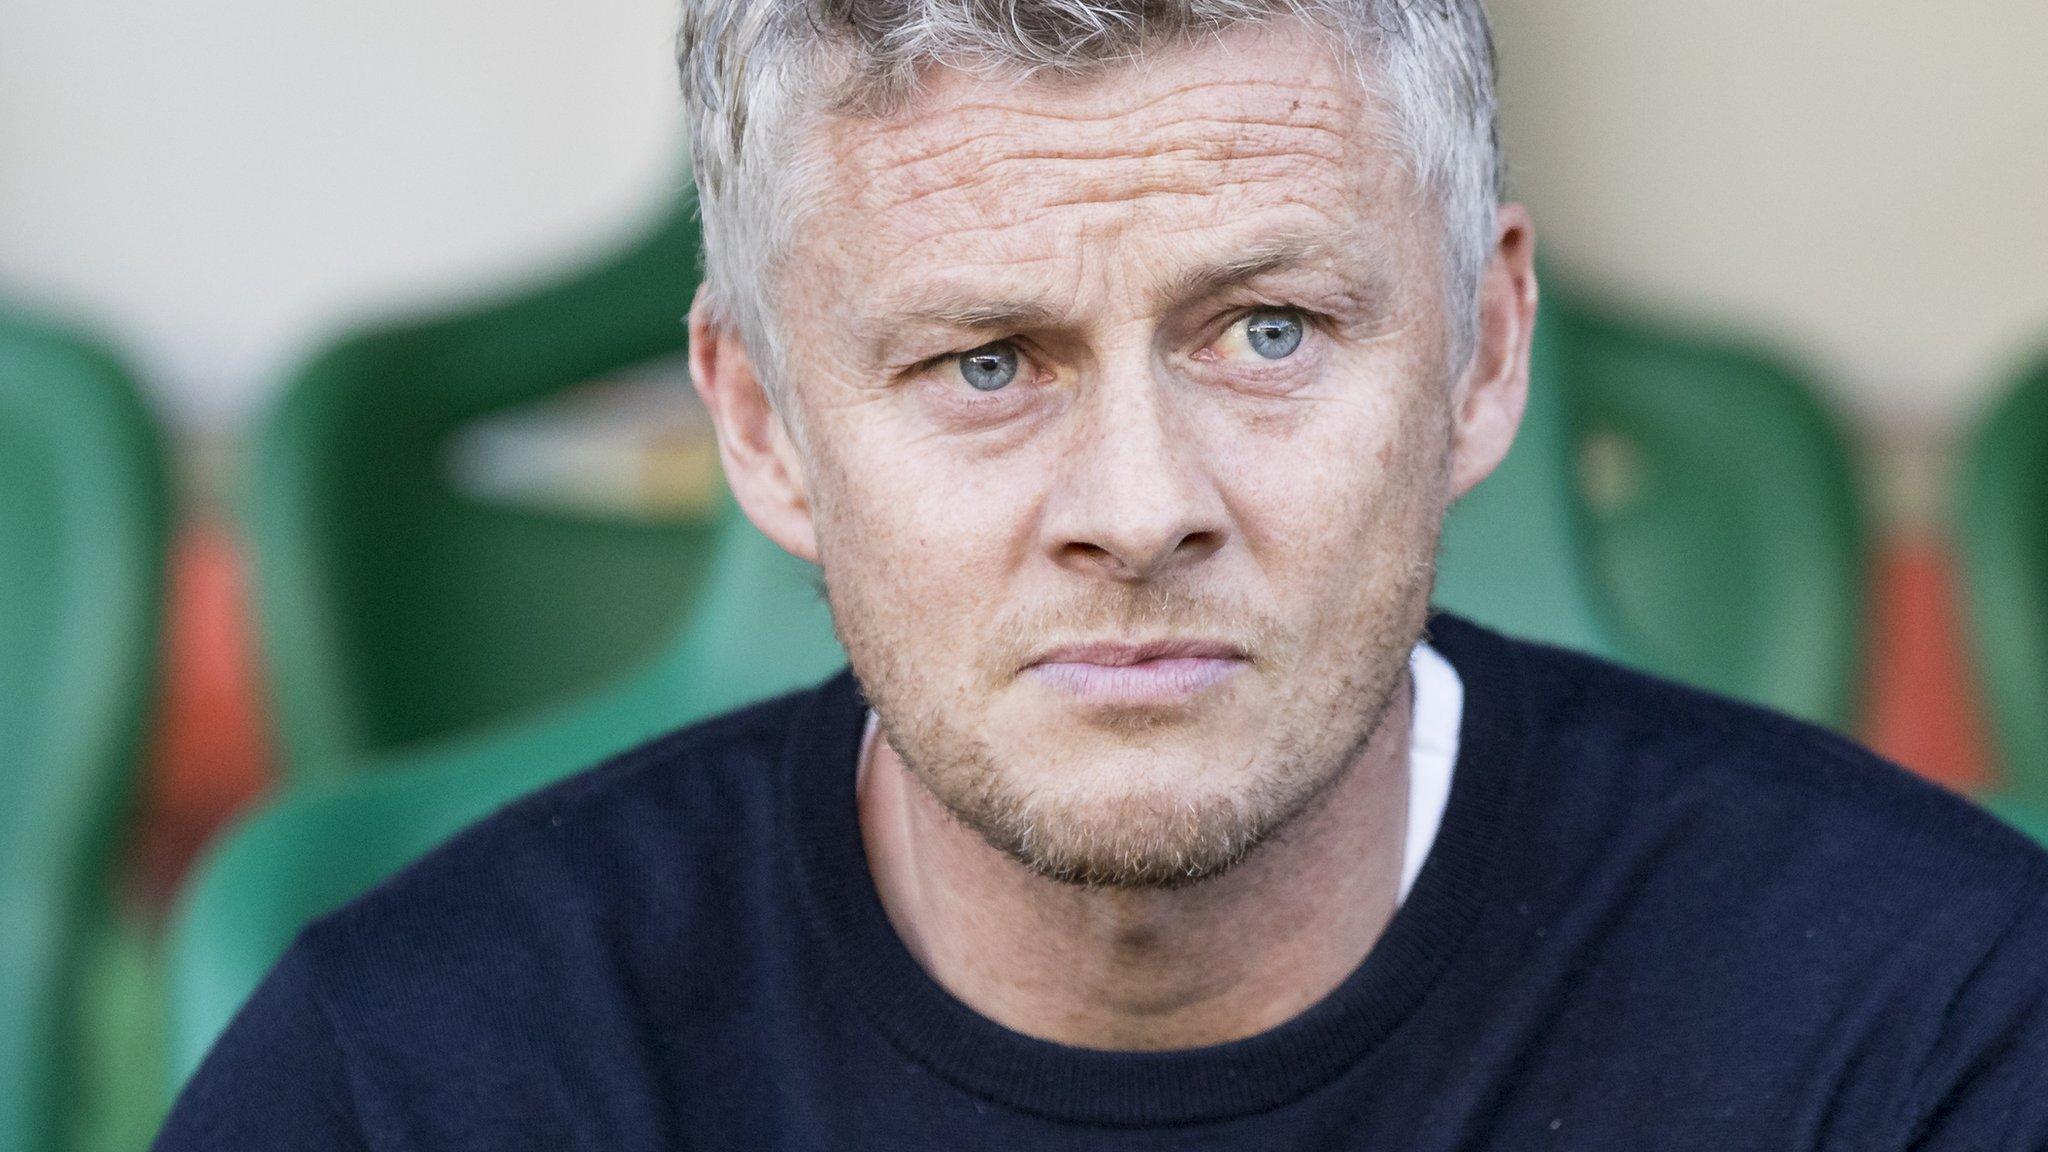 Solskjaer in running for Man Utd caretaker manager role